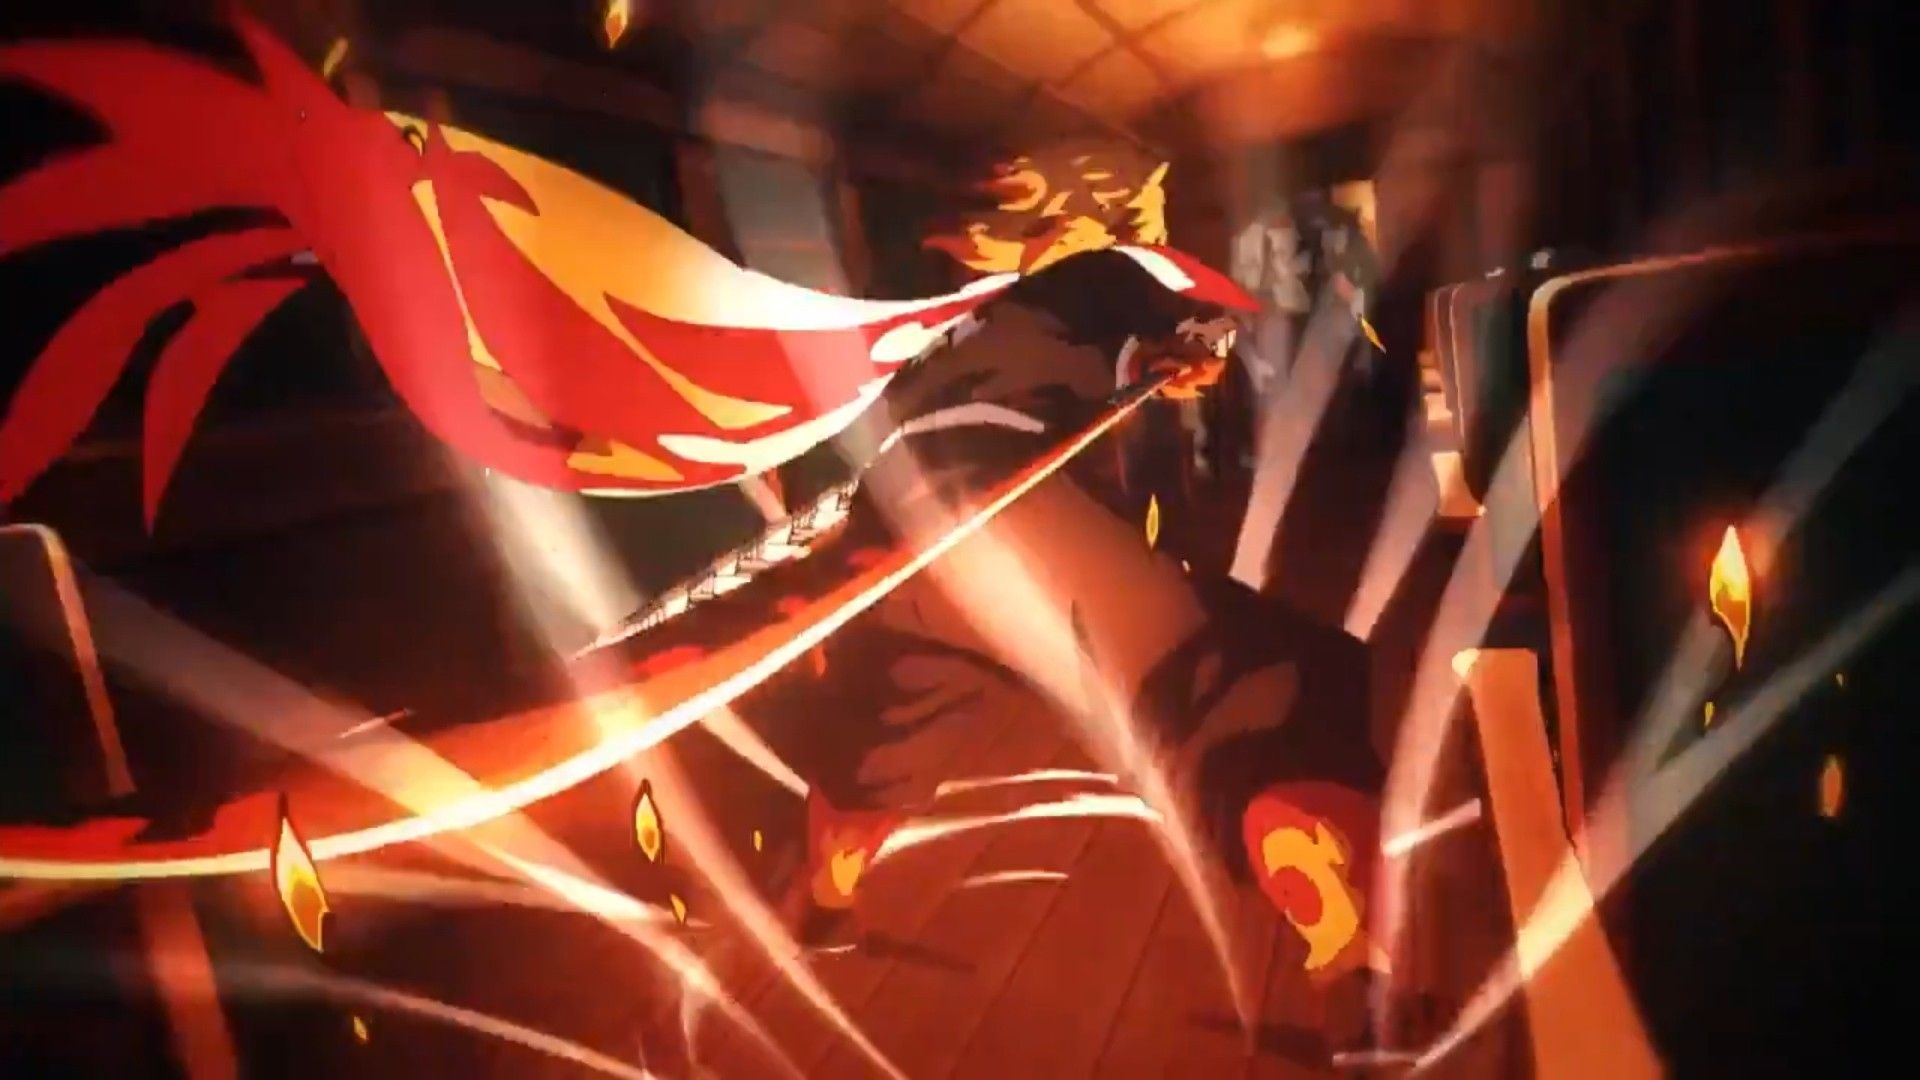 Rengoku Kyoujurou Kimetsu No Yaiba Mugen Ressha Hen Setan Film Lagu